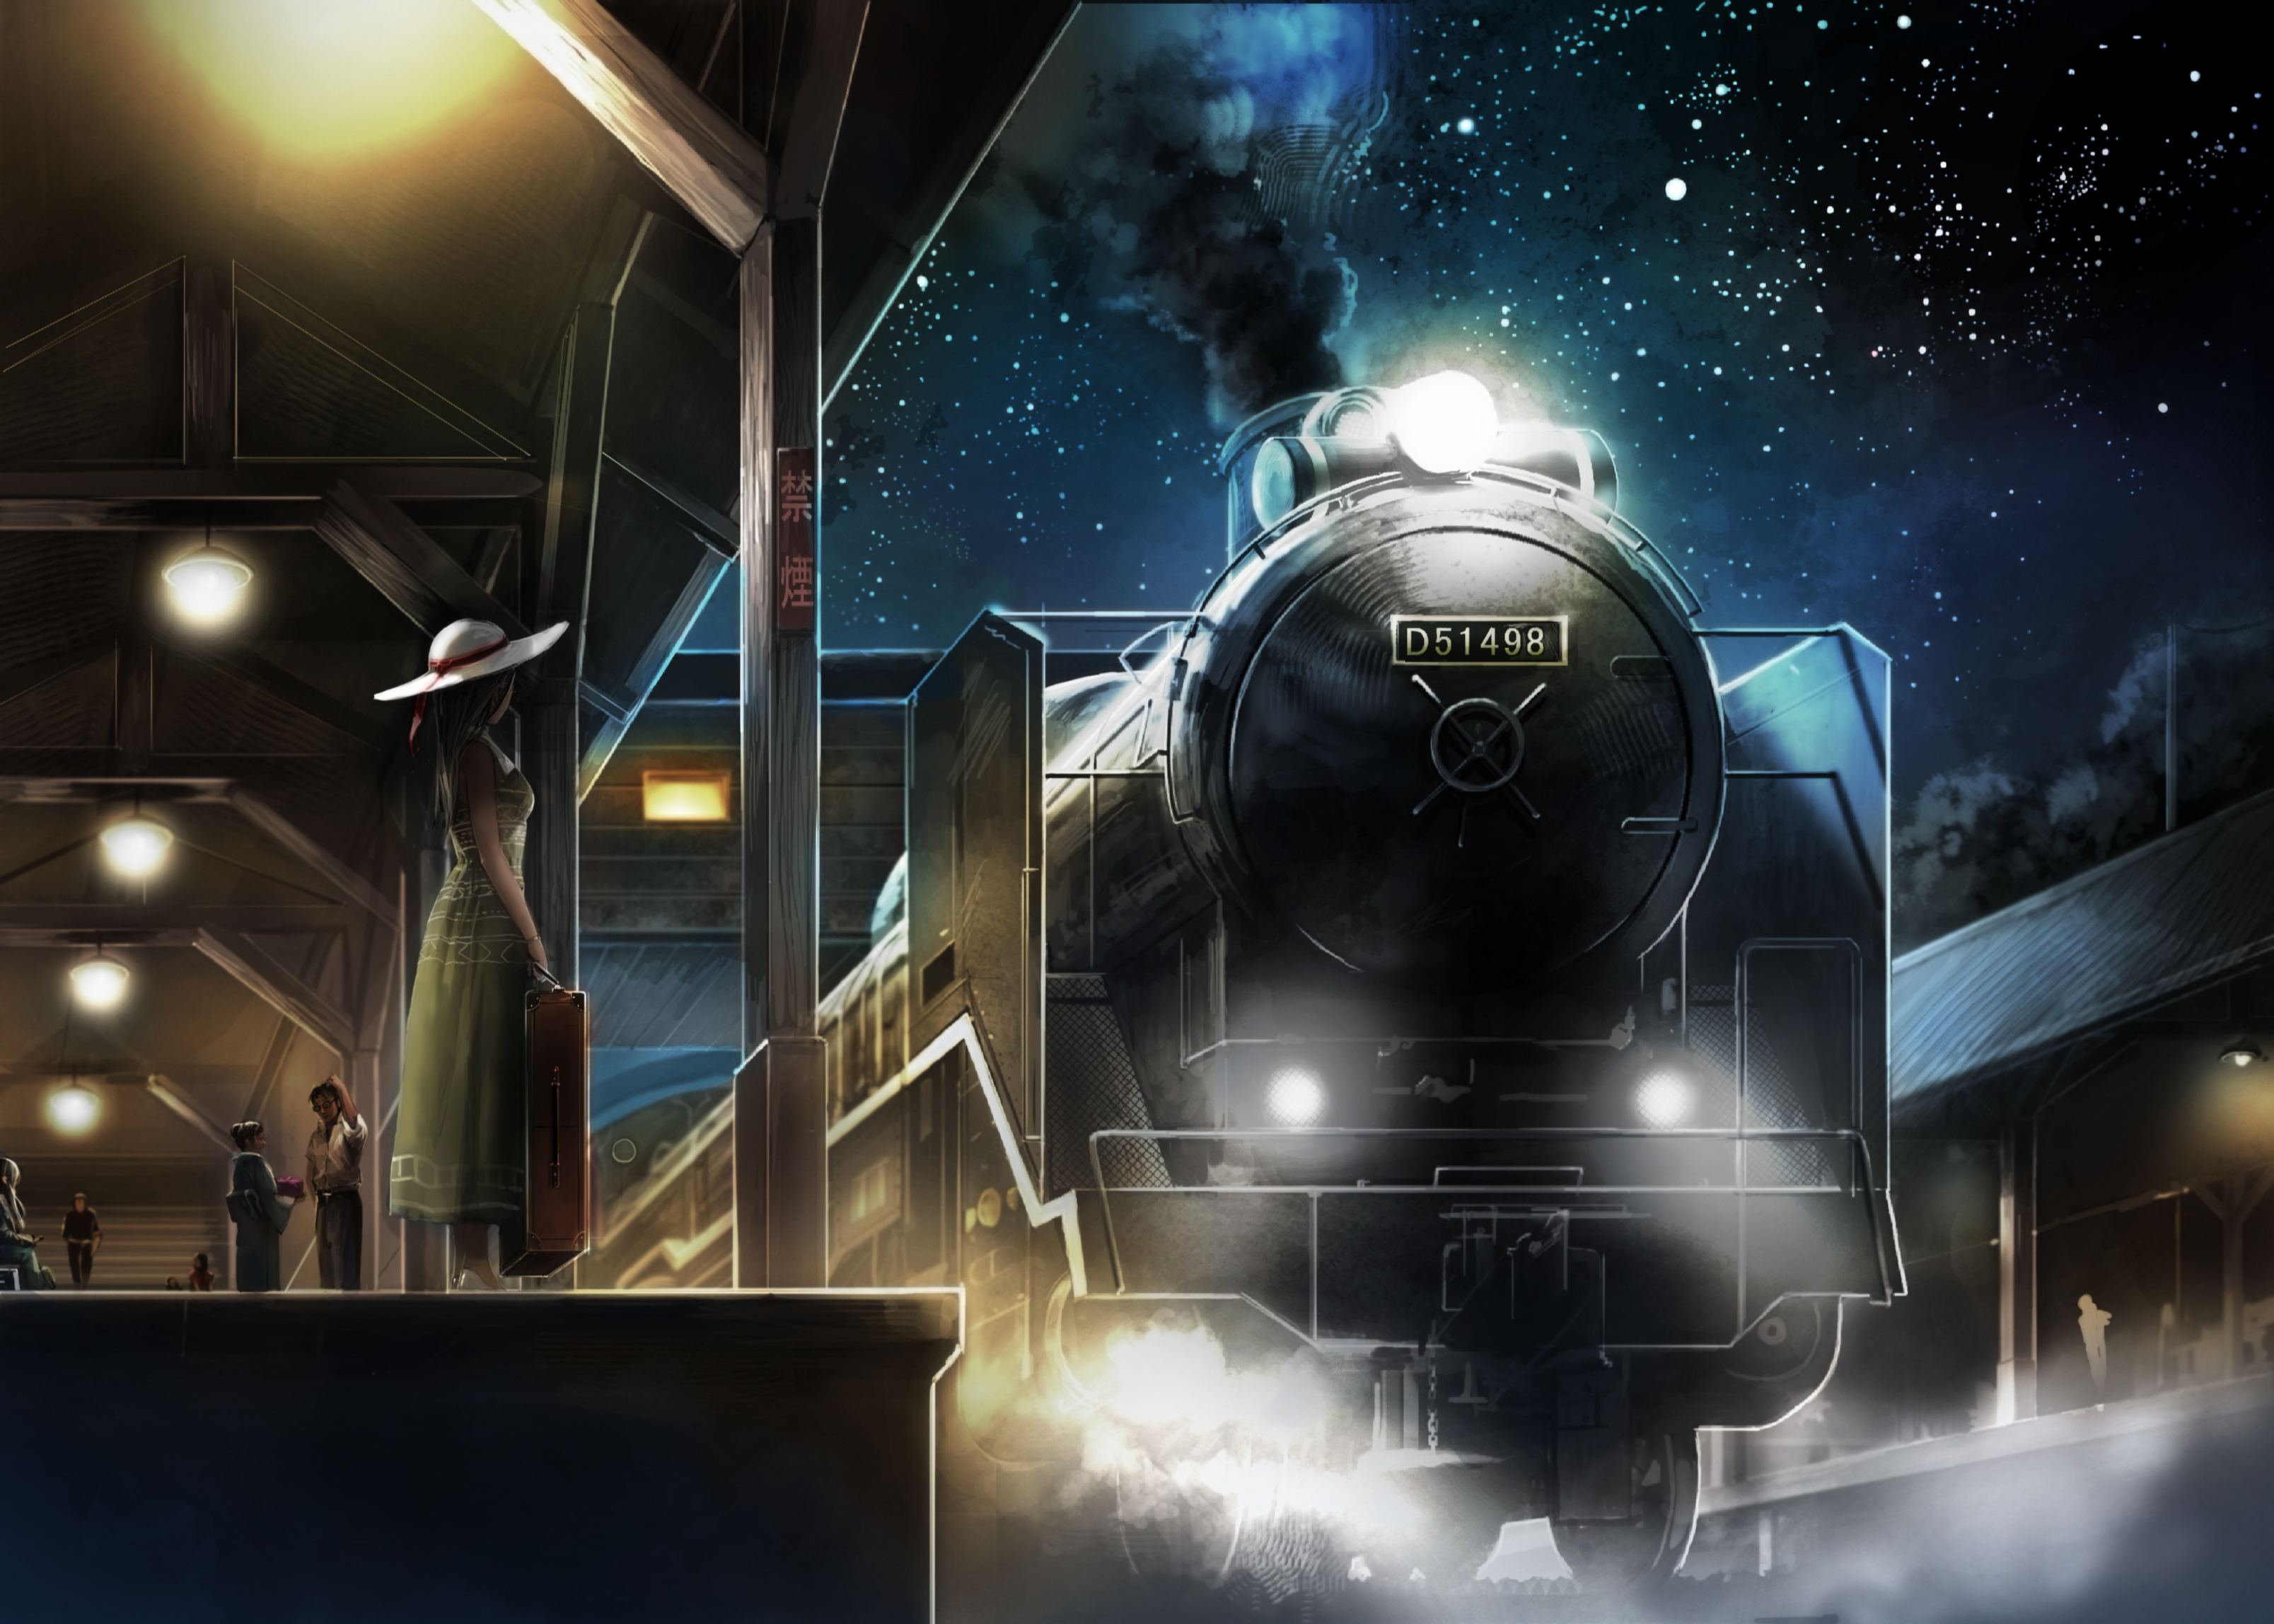 картинки поезд в космос